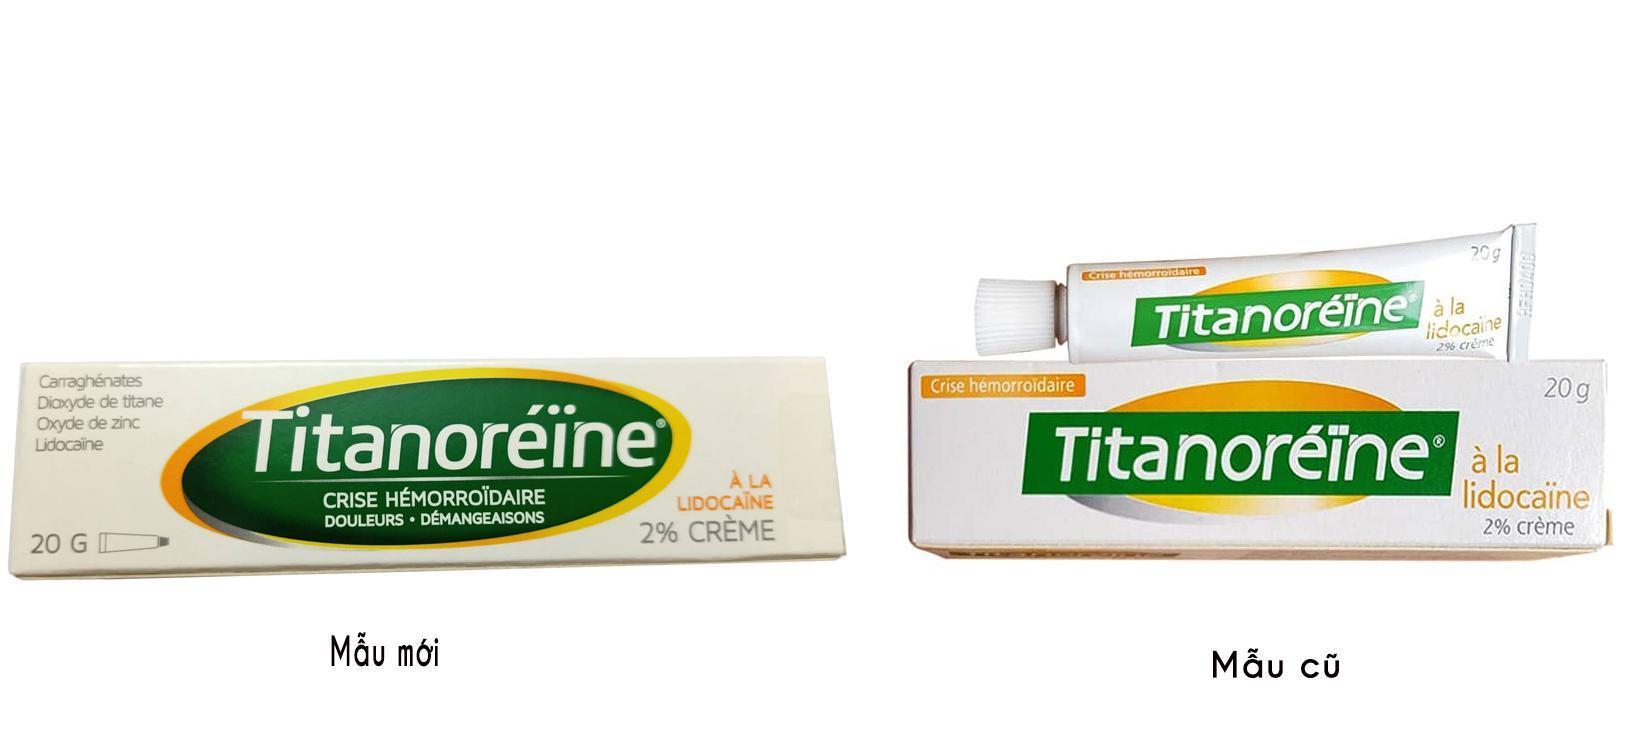 Kem Bôi Titanoreine Có Hiệu Quả Không? Sử Dụng Như Thế Nào? Cần Lưu Ý Gì?